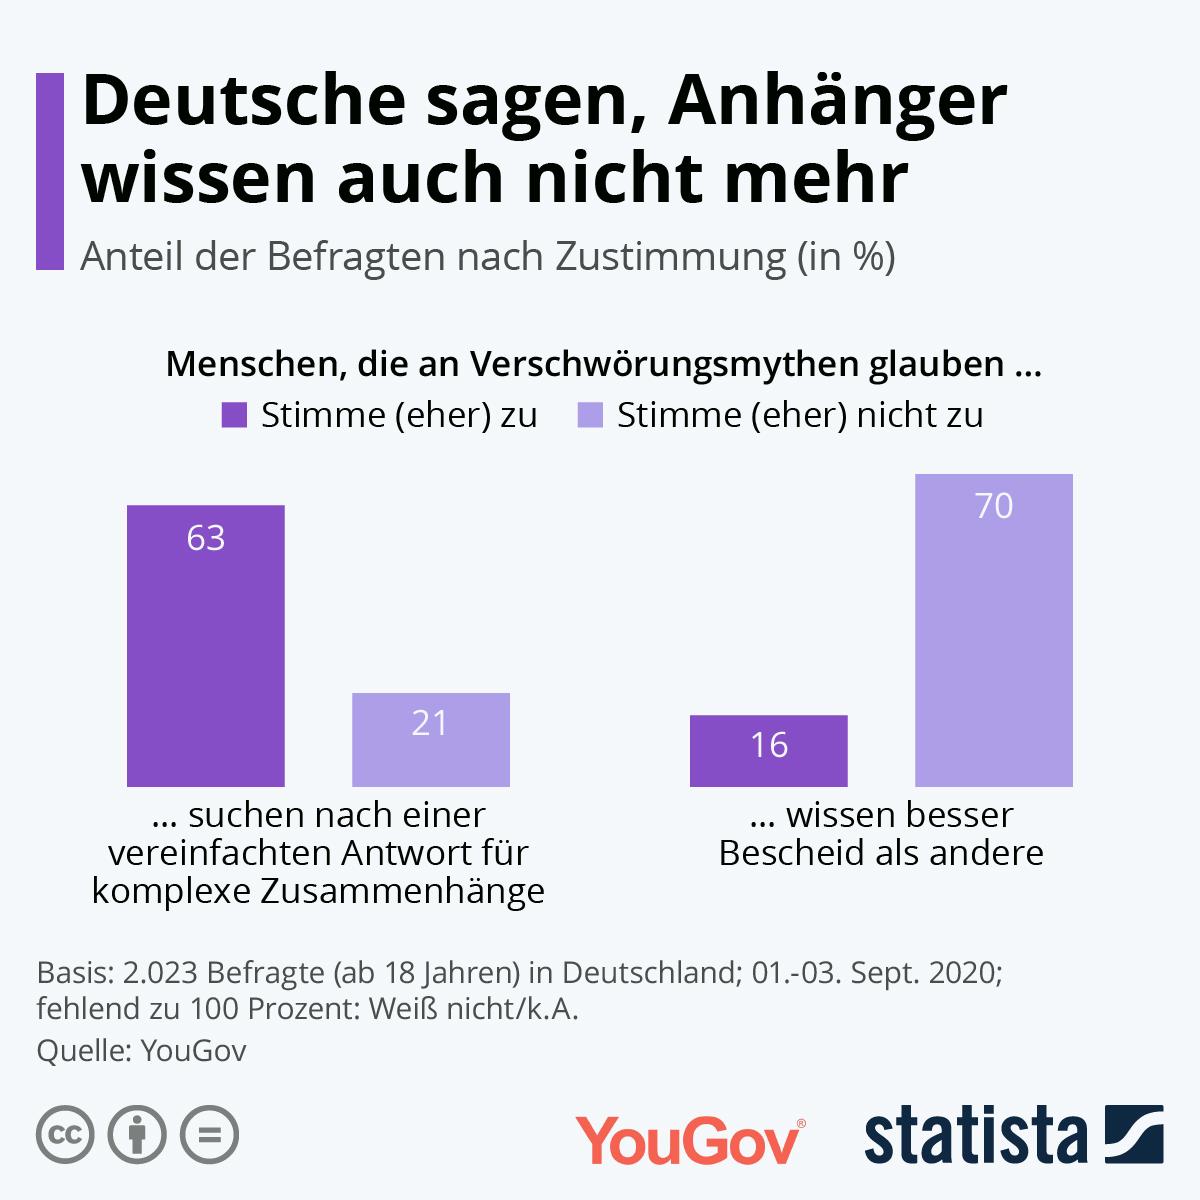 Deutsche sagen, Anhänger wissen auch nicht mehr